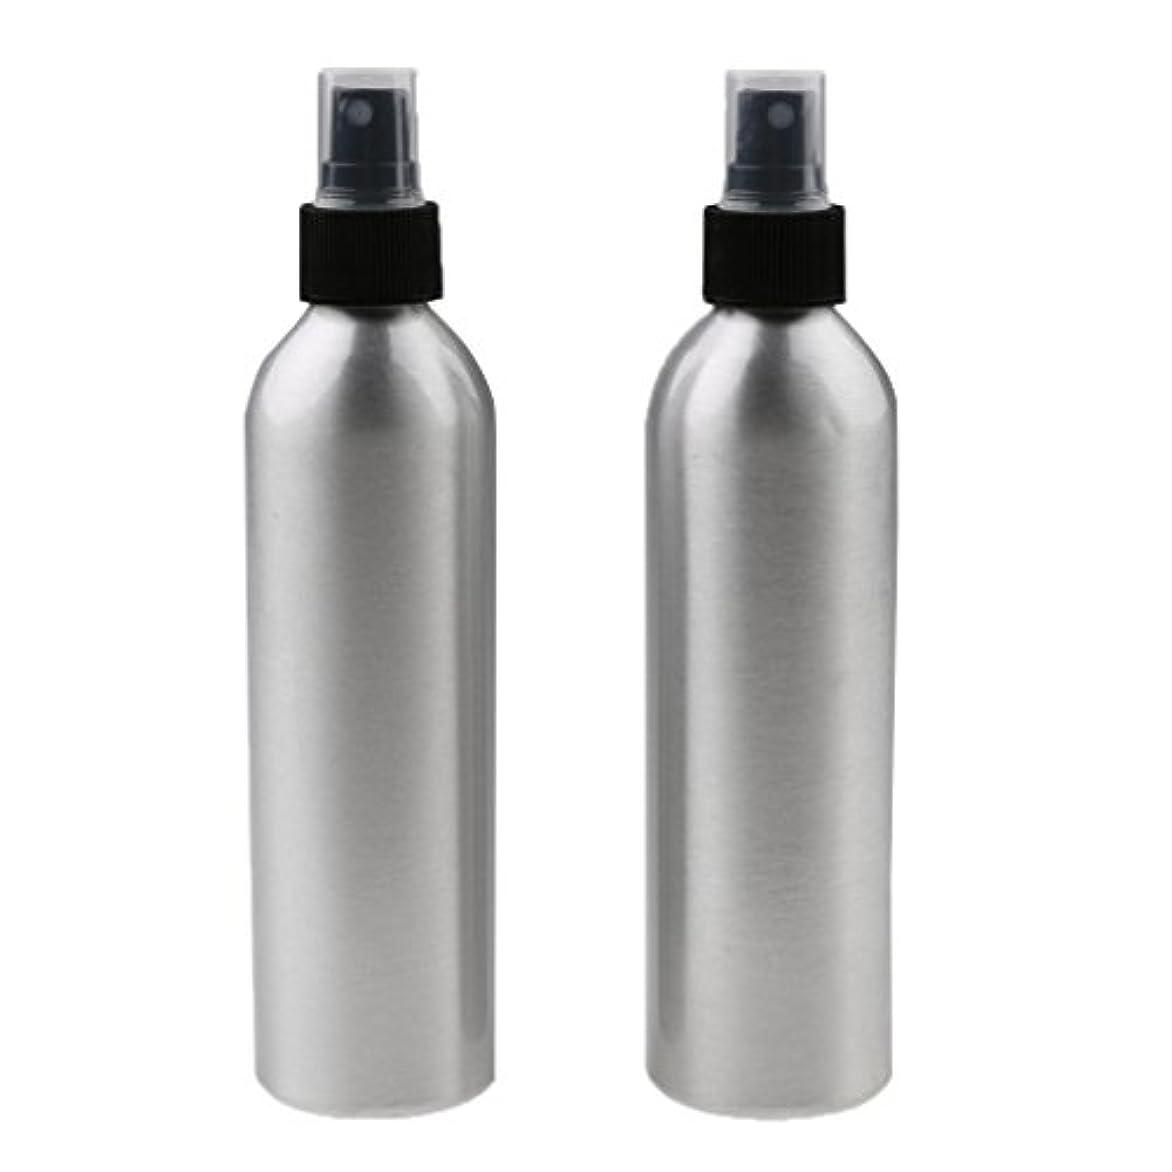 所持小さい拡張T TOOYFUL スプレーボトル 化粧水 ミスト サロン アルミニウム スプレーびん 霧吹き 詰め替え式 全4サイズ - 150ml